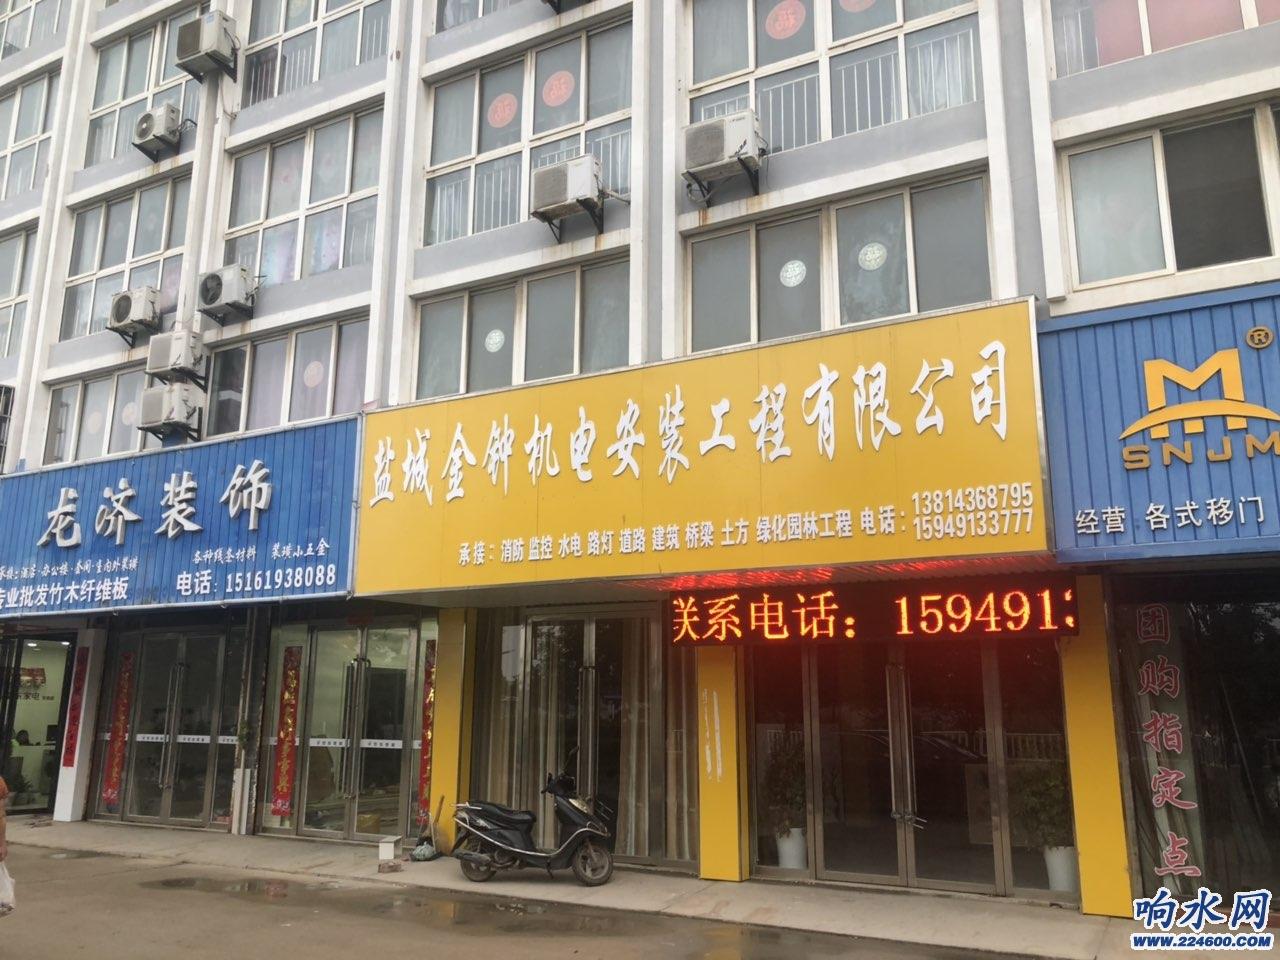 门面出售:位于陈家镇大润发超市对面,新港商贸城前排